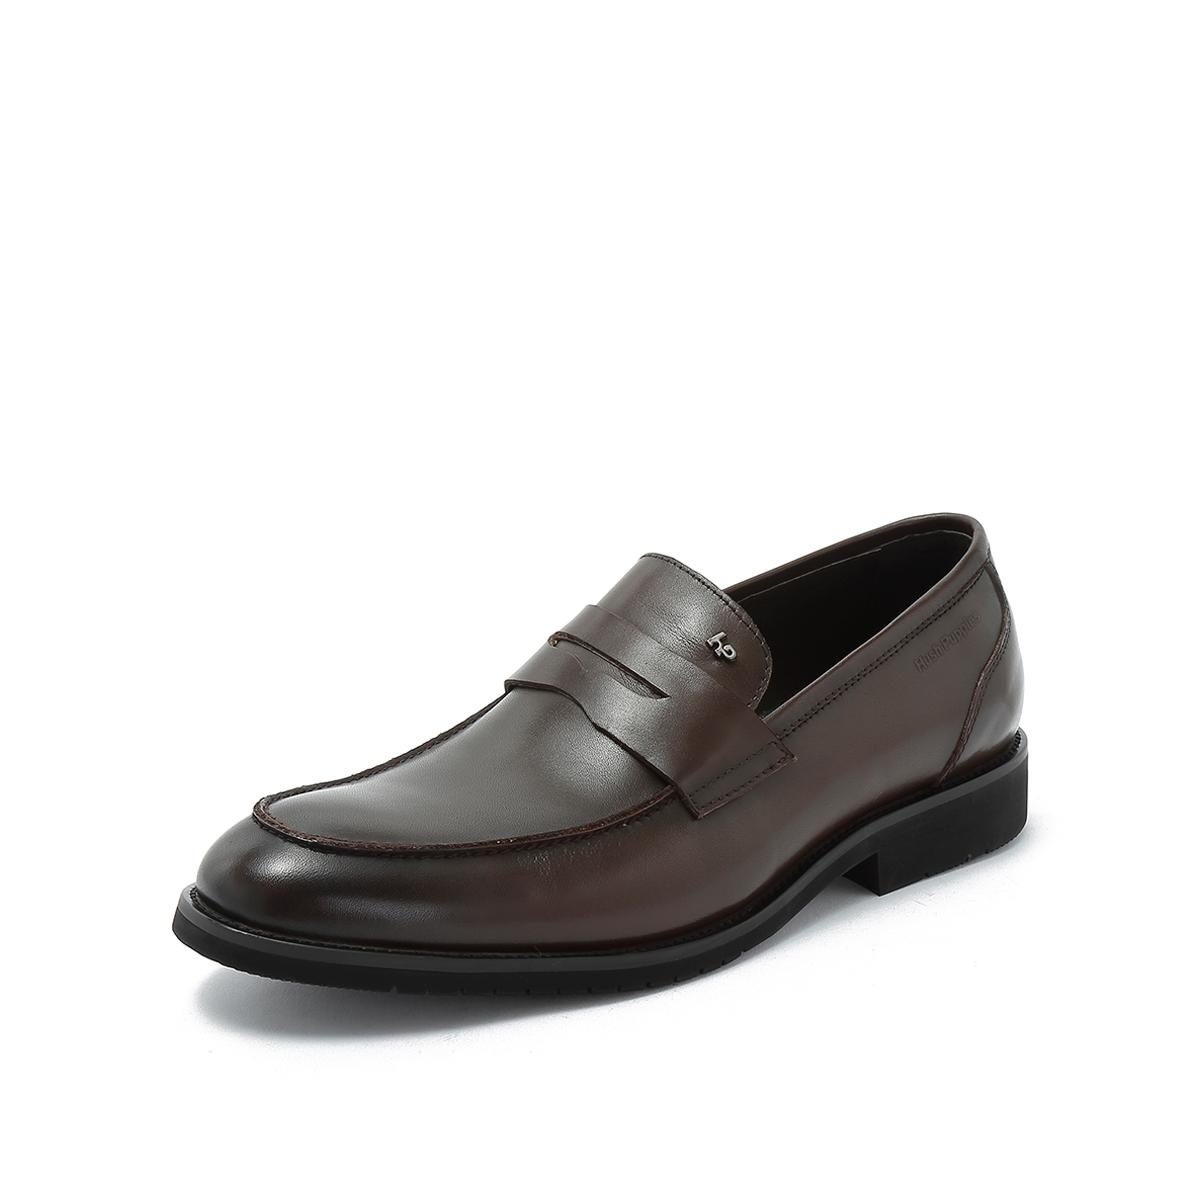 暇步士暇步士一脚蹬乐福鞋牛皮鞋新郎婚鞋男时装鞋上班男商务鞋CE0B1Q02MT1CM8啡色